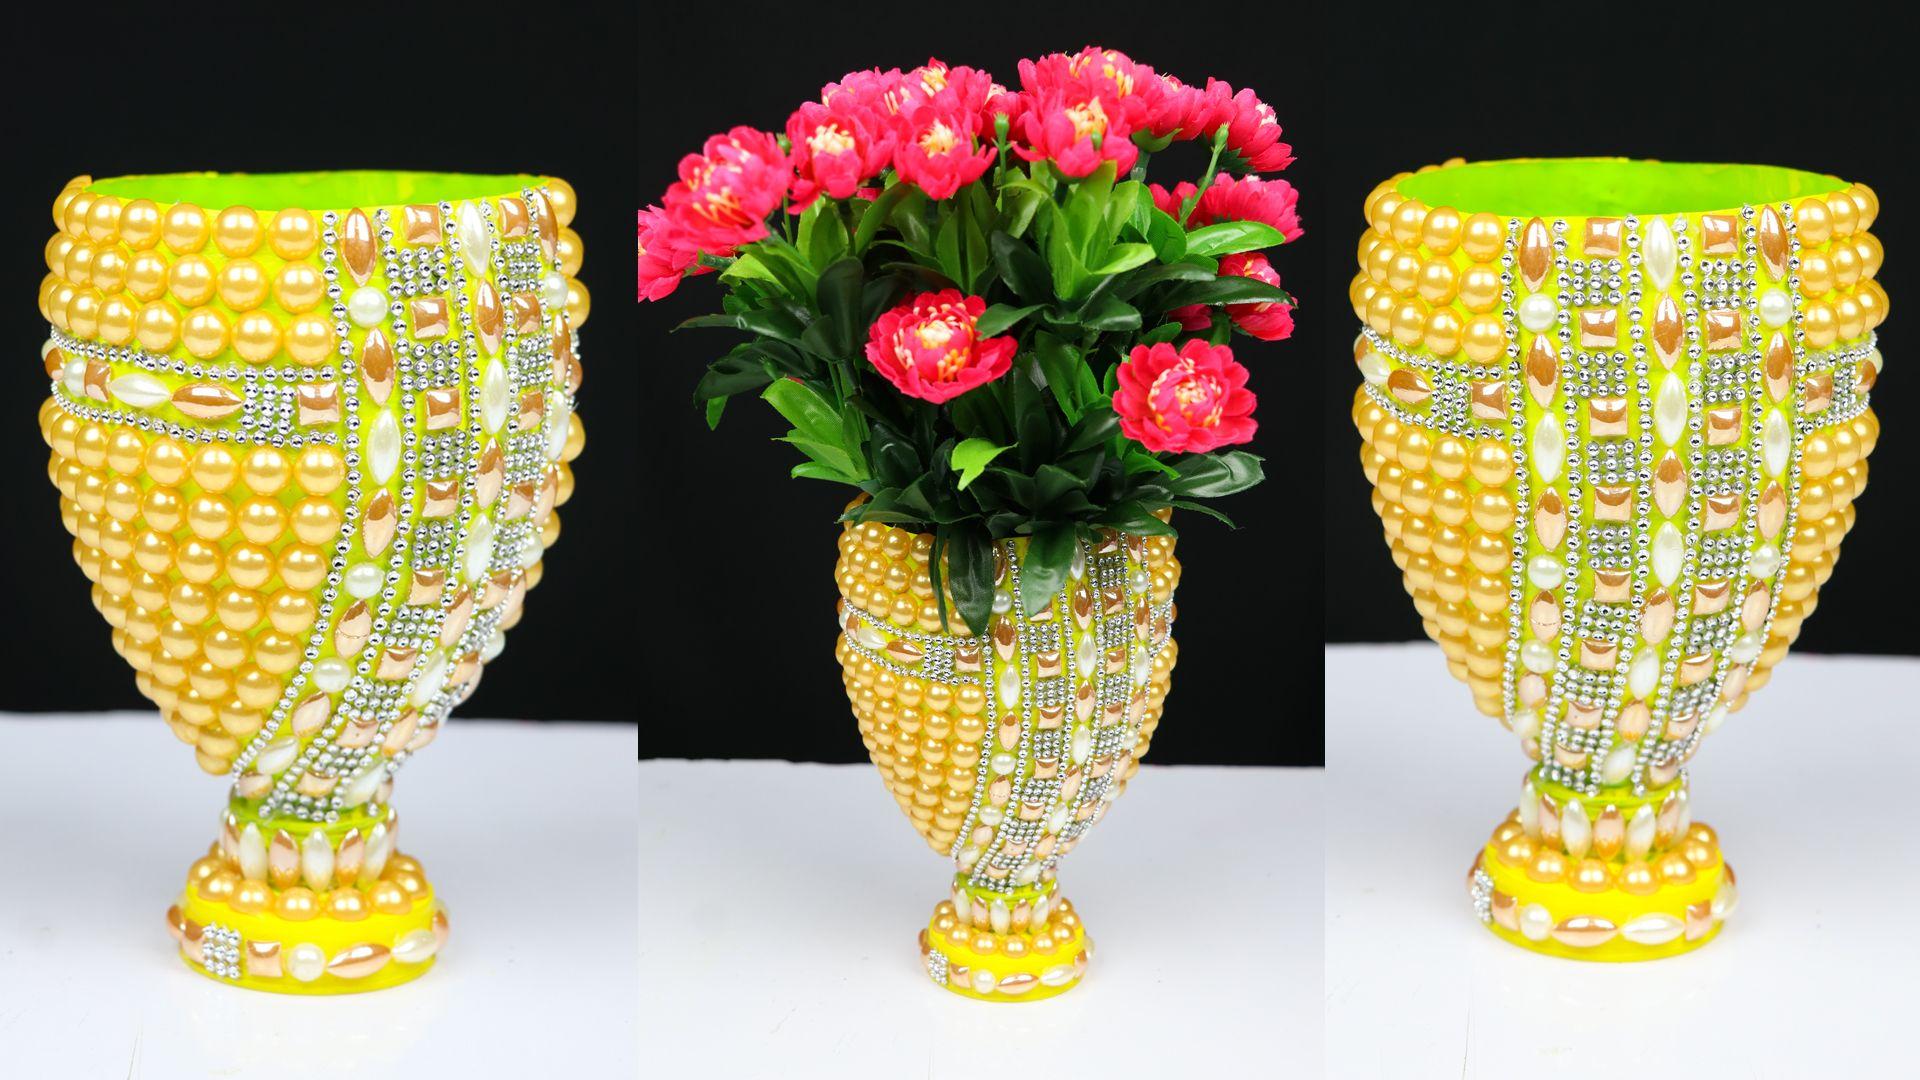 Plastic Bottle Flower Vase Plastic Bottle Flowers Flower Vases Flower Vase Diy